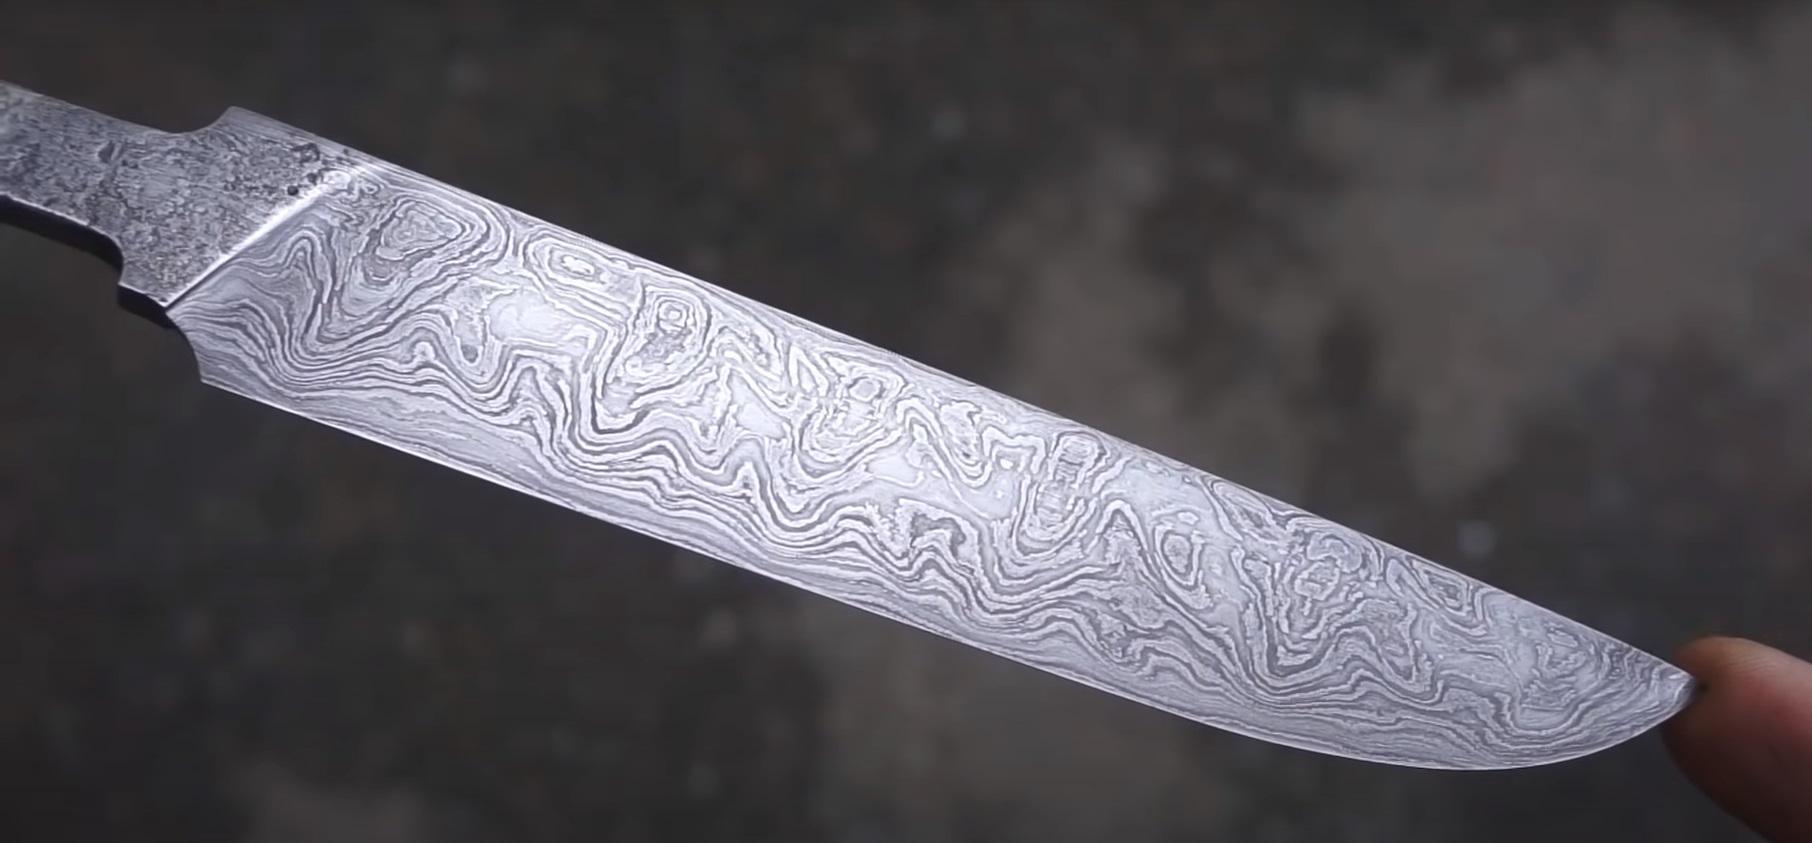 дамаська сталь суми